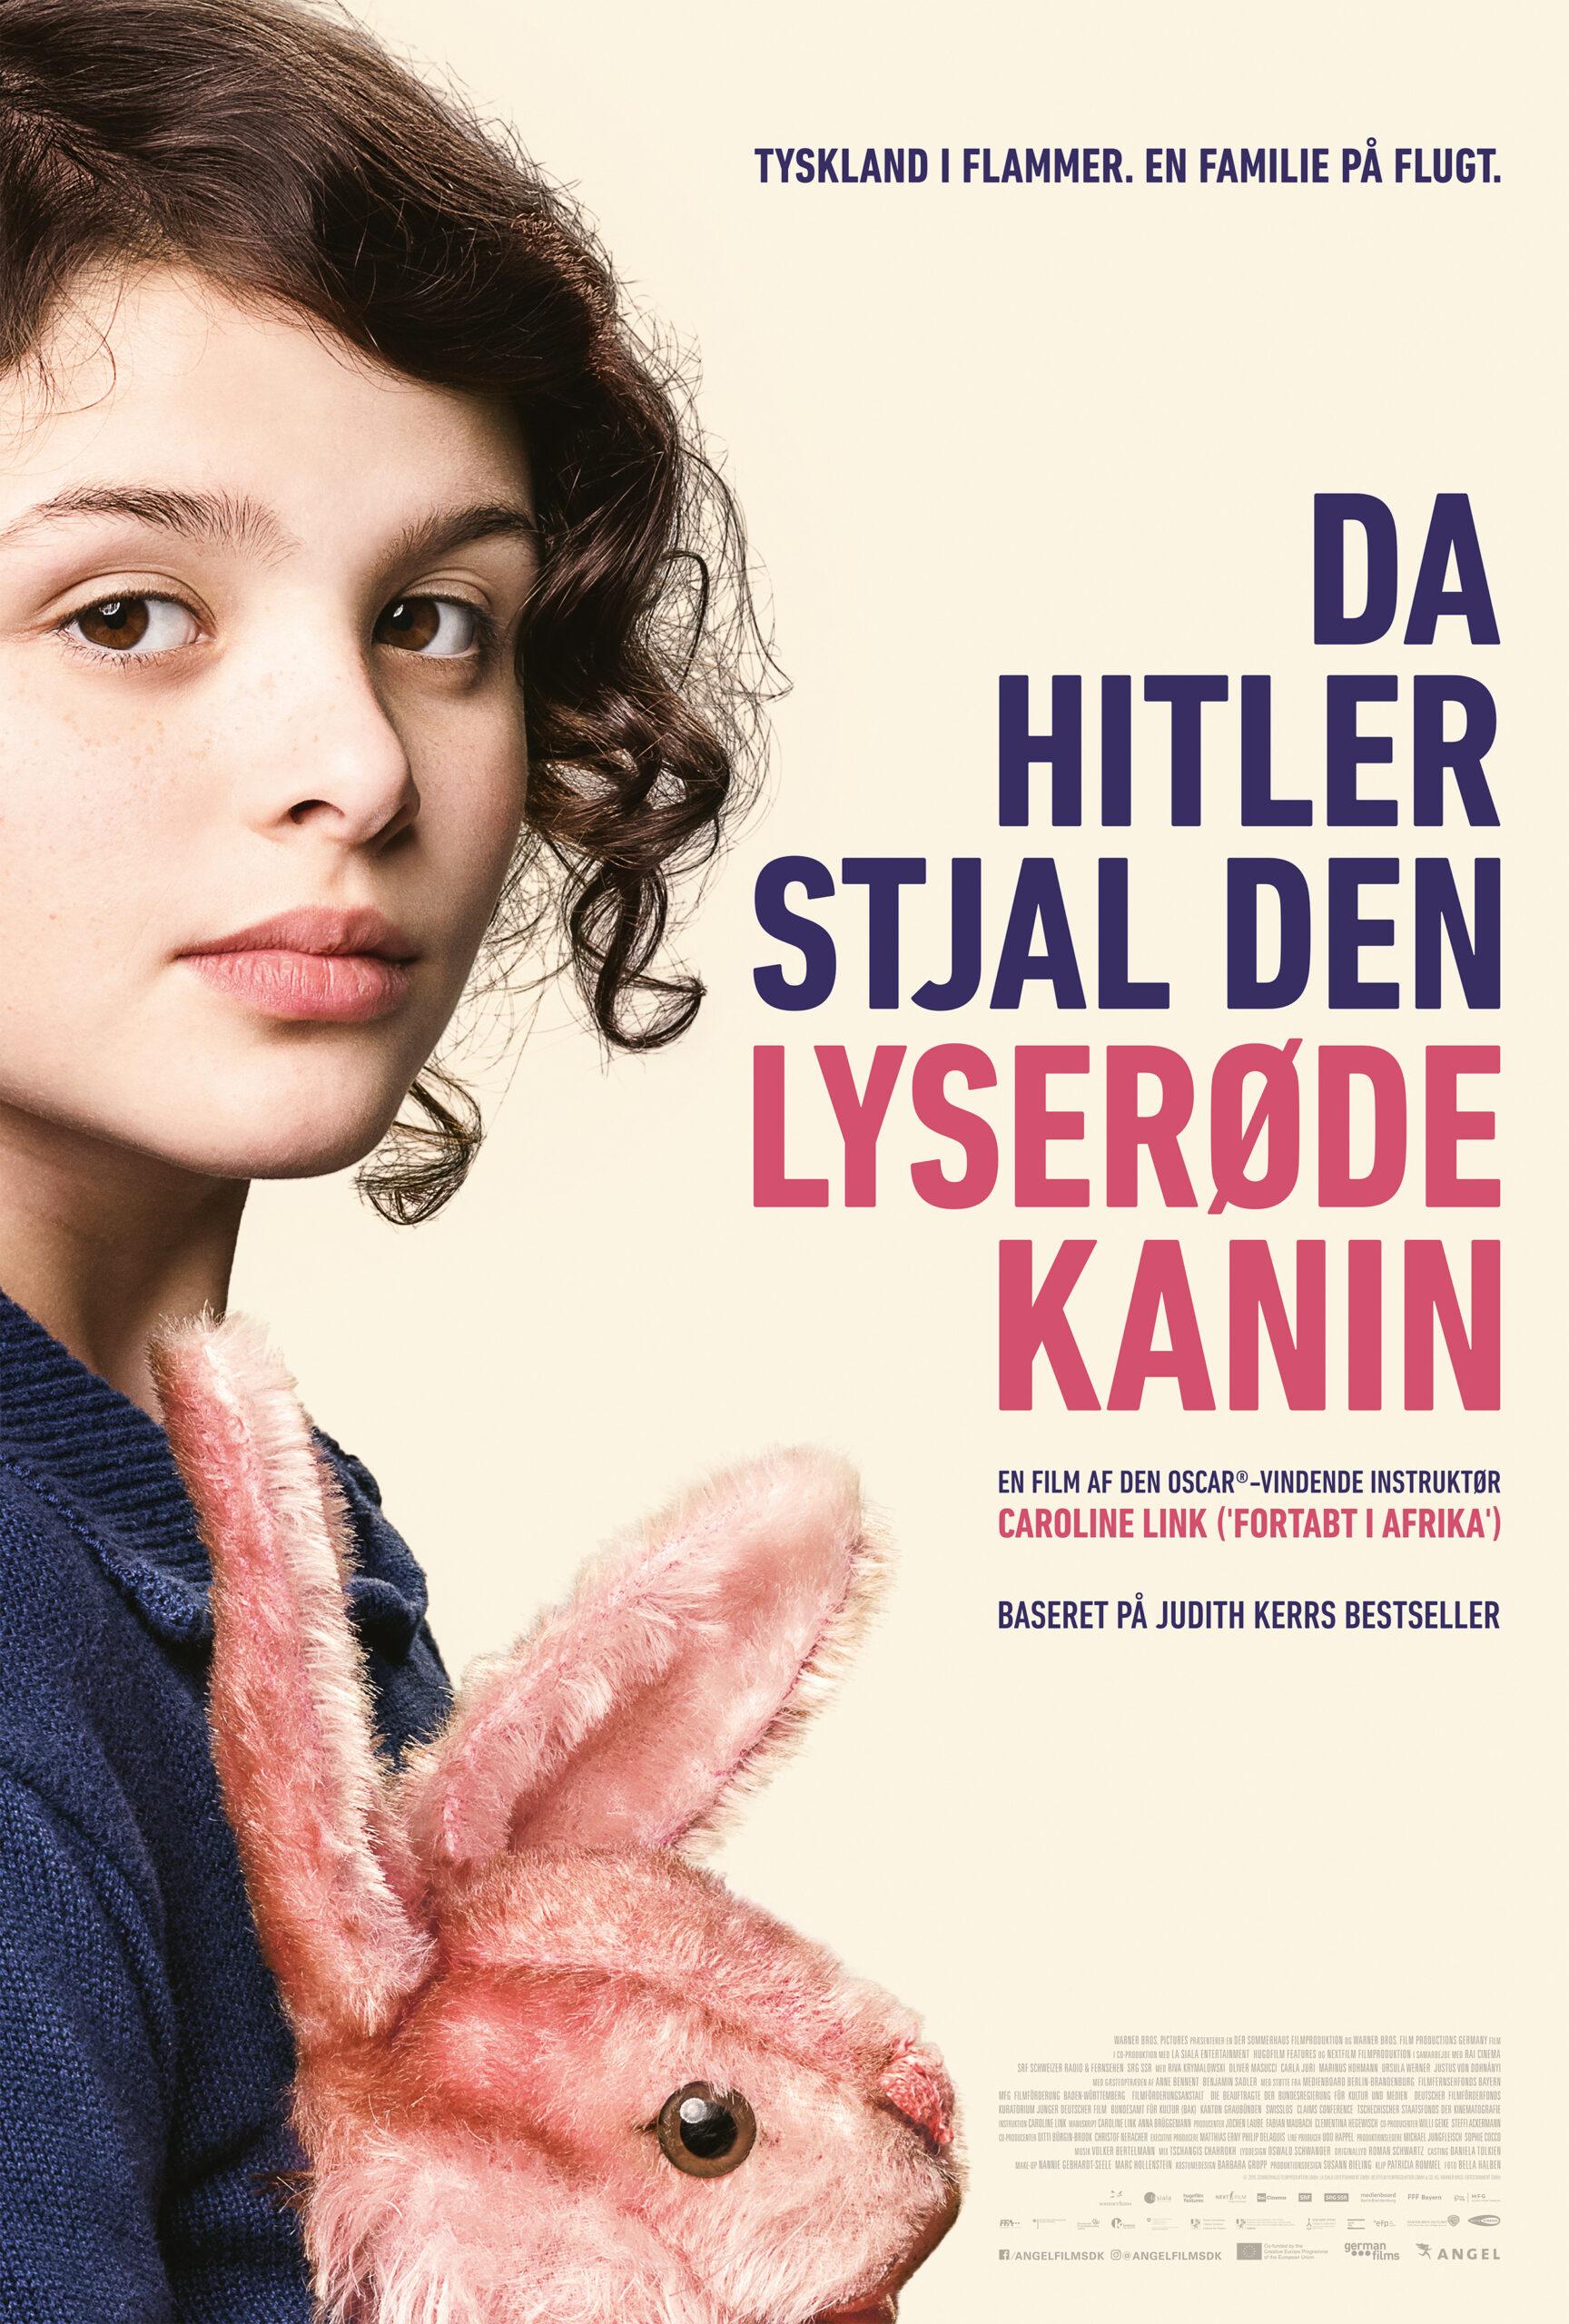 DA HITLER STJAL DEN LYSERØDE KANIN filmplakat